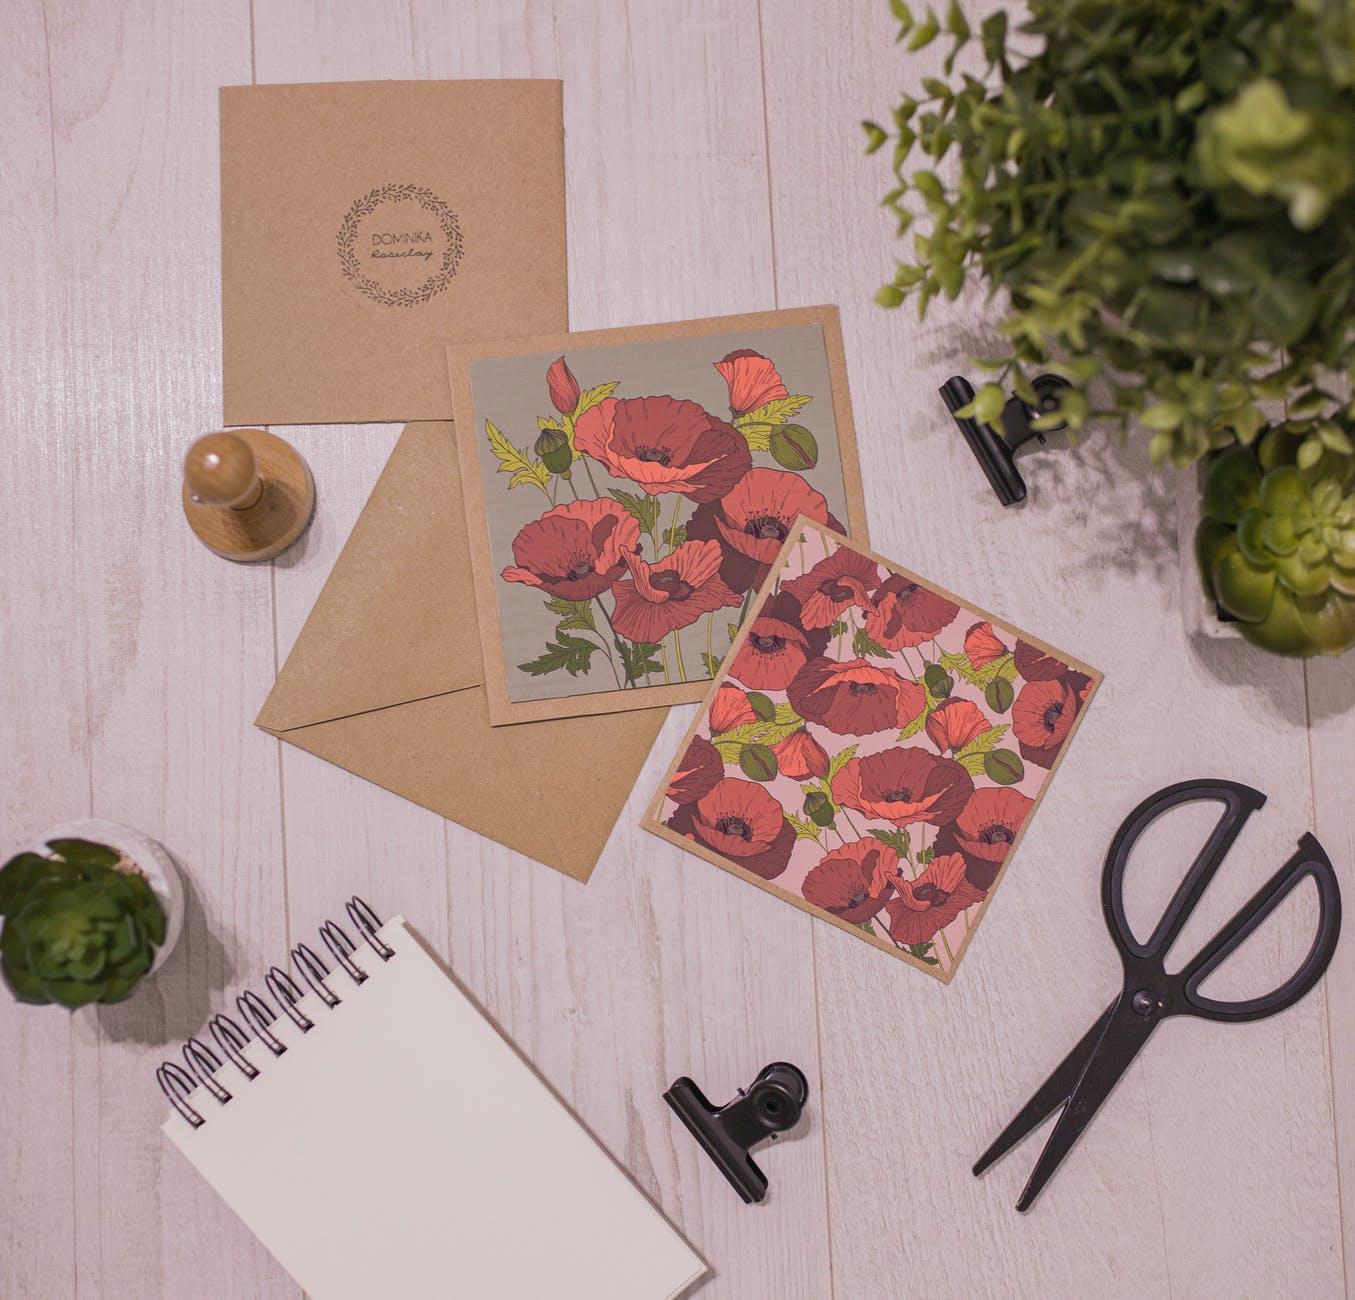 pamfletter in the making